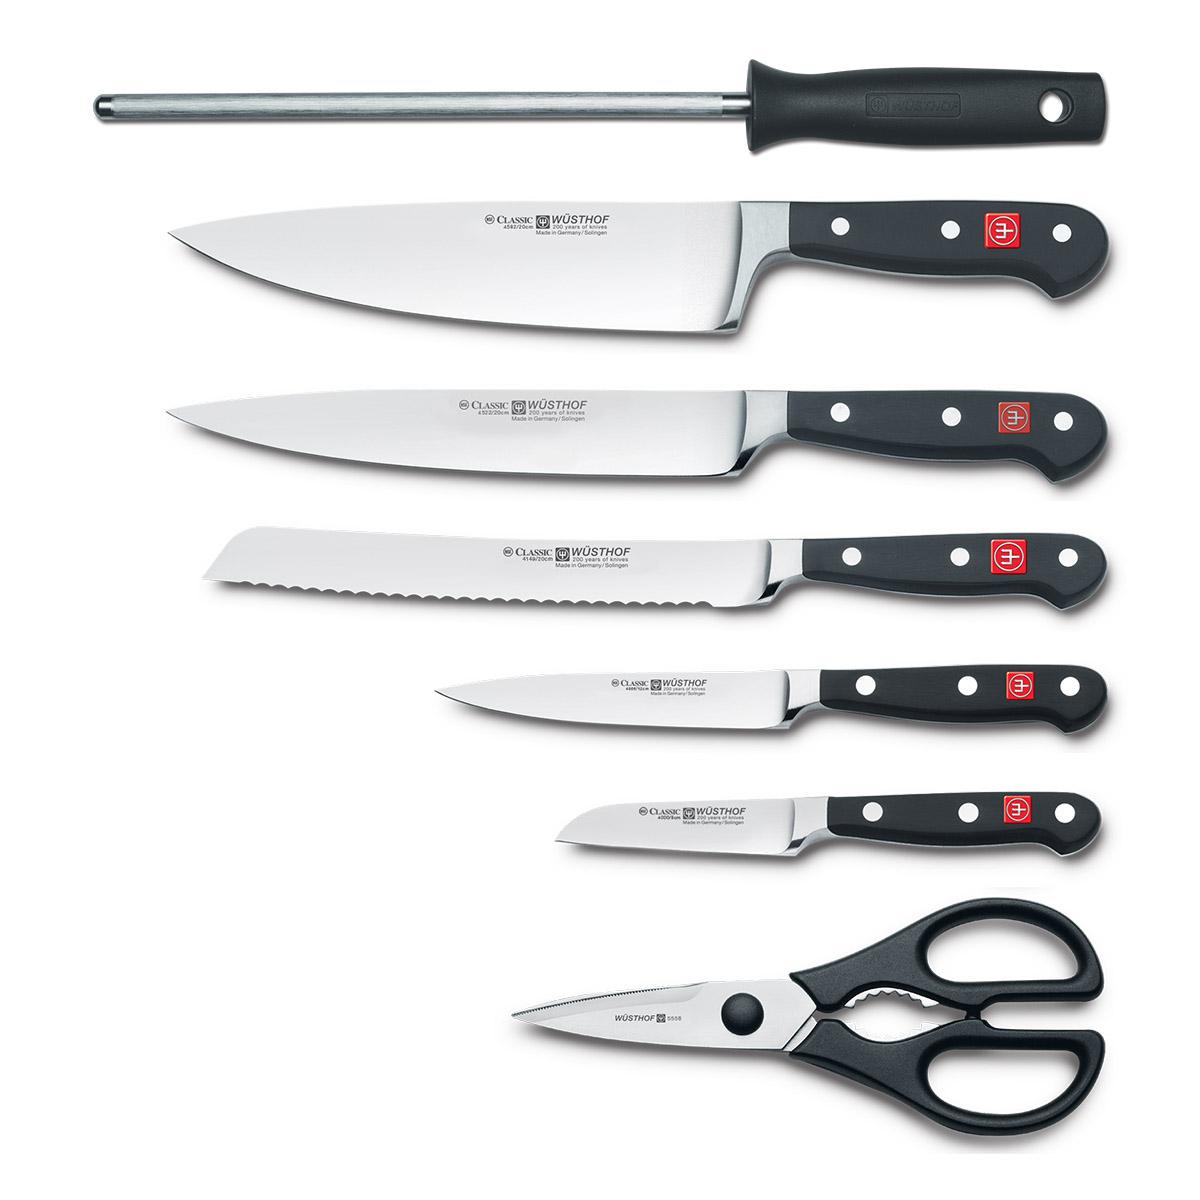 Súprava nožov so svetlým stojanom, ocieľkou a nožnicami 8-dielna Classic WÜSTHOF - Wüsthof Solingen Classic blok se 7 nožmi